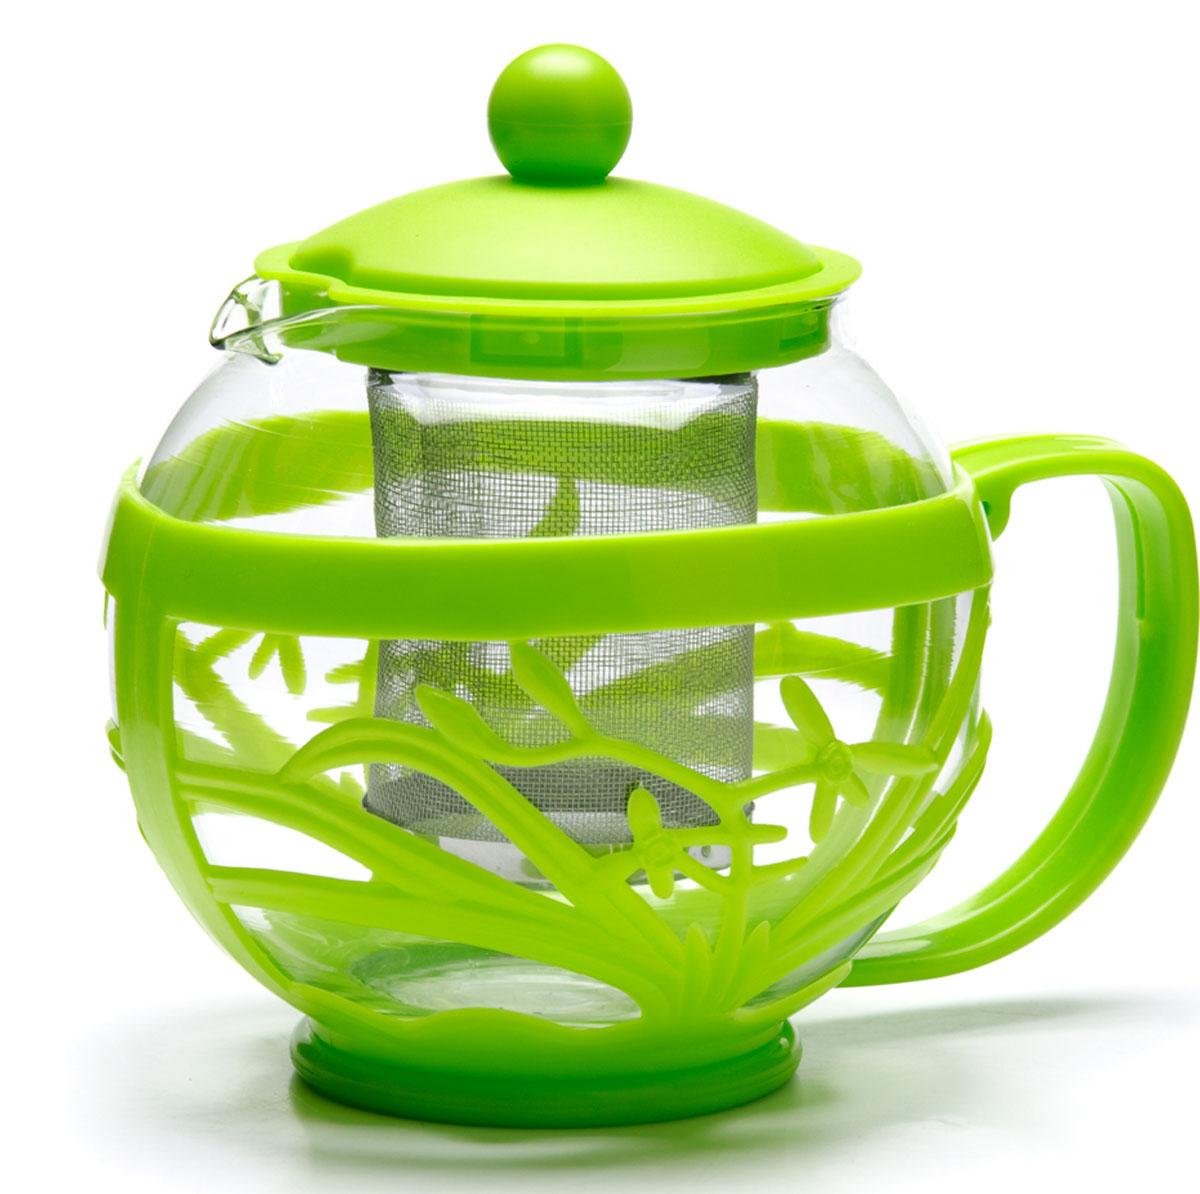 Чайник заварочный Mayer&Boch, 750 мл 26809-126809-1Заварочный чайник MAYER&BOCH с металлическим фильтром/ситечком изготовлен из термостойкого боросиликатного стекла. Корпус и крышка из цветного пластика, фильтр из нержавеющей стали, внутренняя колба из стекла. Изделия из стекла не впитывают запахи, благодаря чему вы всегда получите натуральный, насыщенный вкус и аромат напитков. Заварочный чайник из стекла удобно использовать для повседневного заваривания чая любого сорта. Сетчатый металлический фильтр гарантирует прозрачность и чистоту напитка от чайных листьев, при этом сохранив букет и насыщенность чая. Прозрачные стенки чайника дают возможность насладиться насыщенным цветом заваренного чая. Эстетичный и функциональный, заварочный чайник MAYER&BOCH будет прекрасно смотреться в любом интерьере и послужит хорошим подарком для друзей и близких! Подходит для мытья в посудомоечной машине.